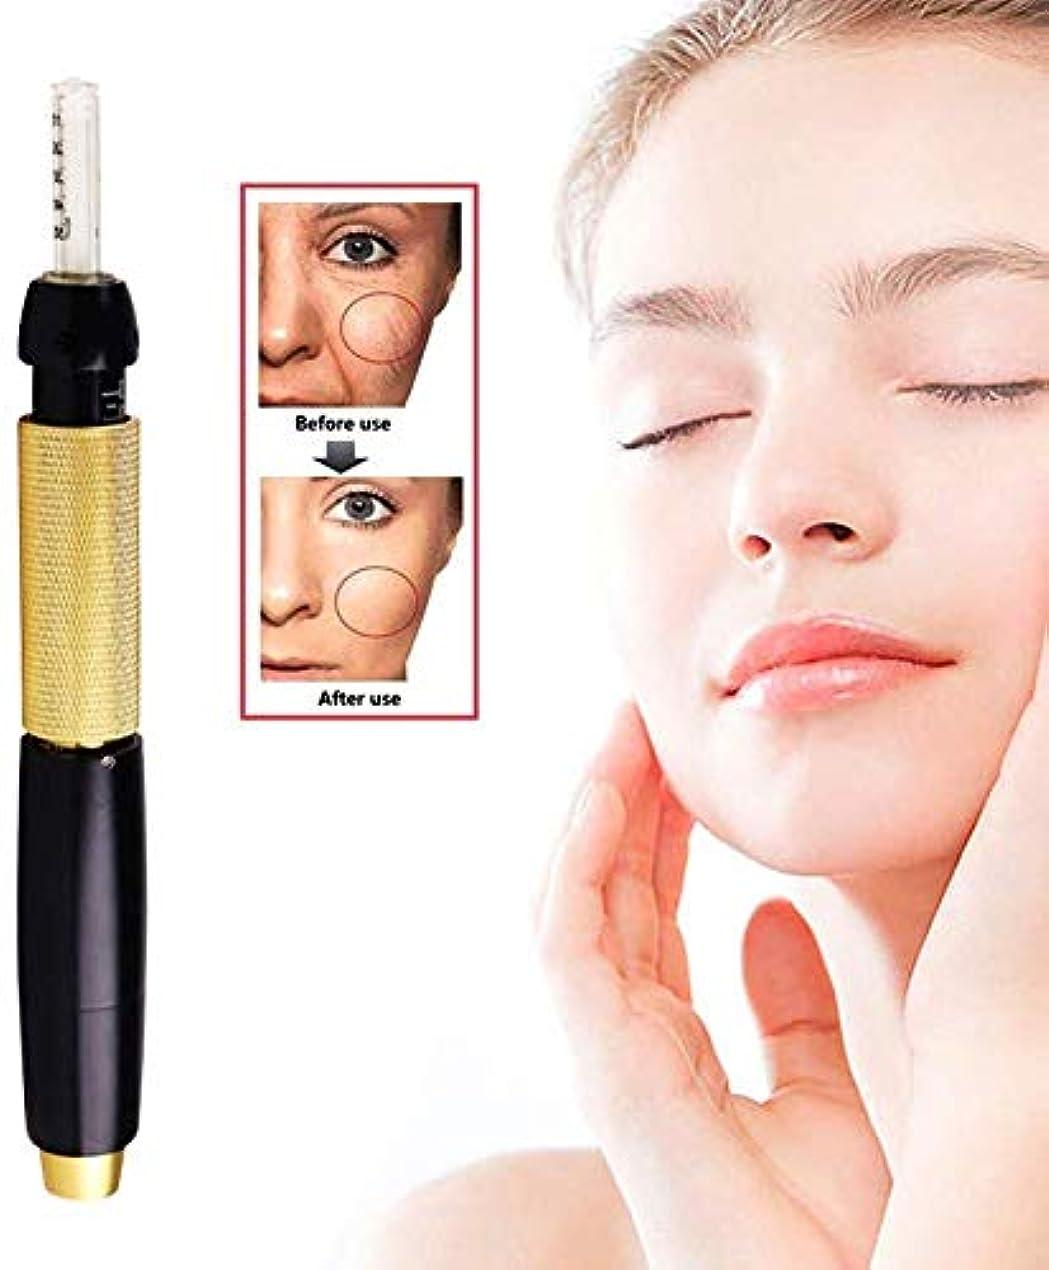 かなりの起きるワックスヒアルロン酸シリンジペン、プロの美容アトマイザー非侵襲性ニードルフリーペン、傷、しわ、しみを軽減し、肌の弾力性を回復